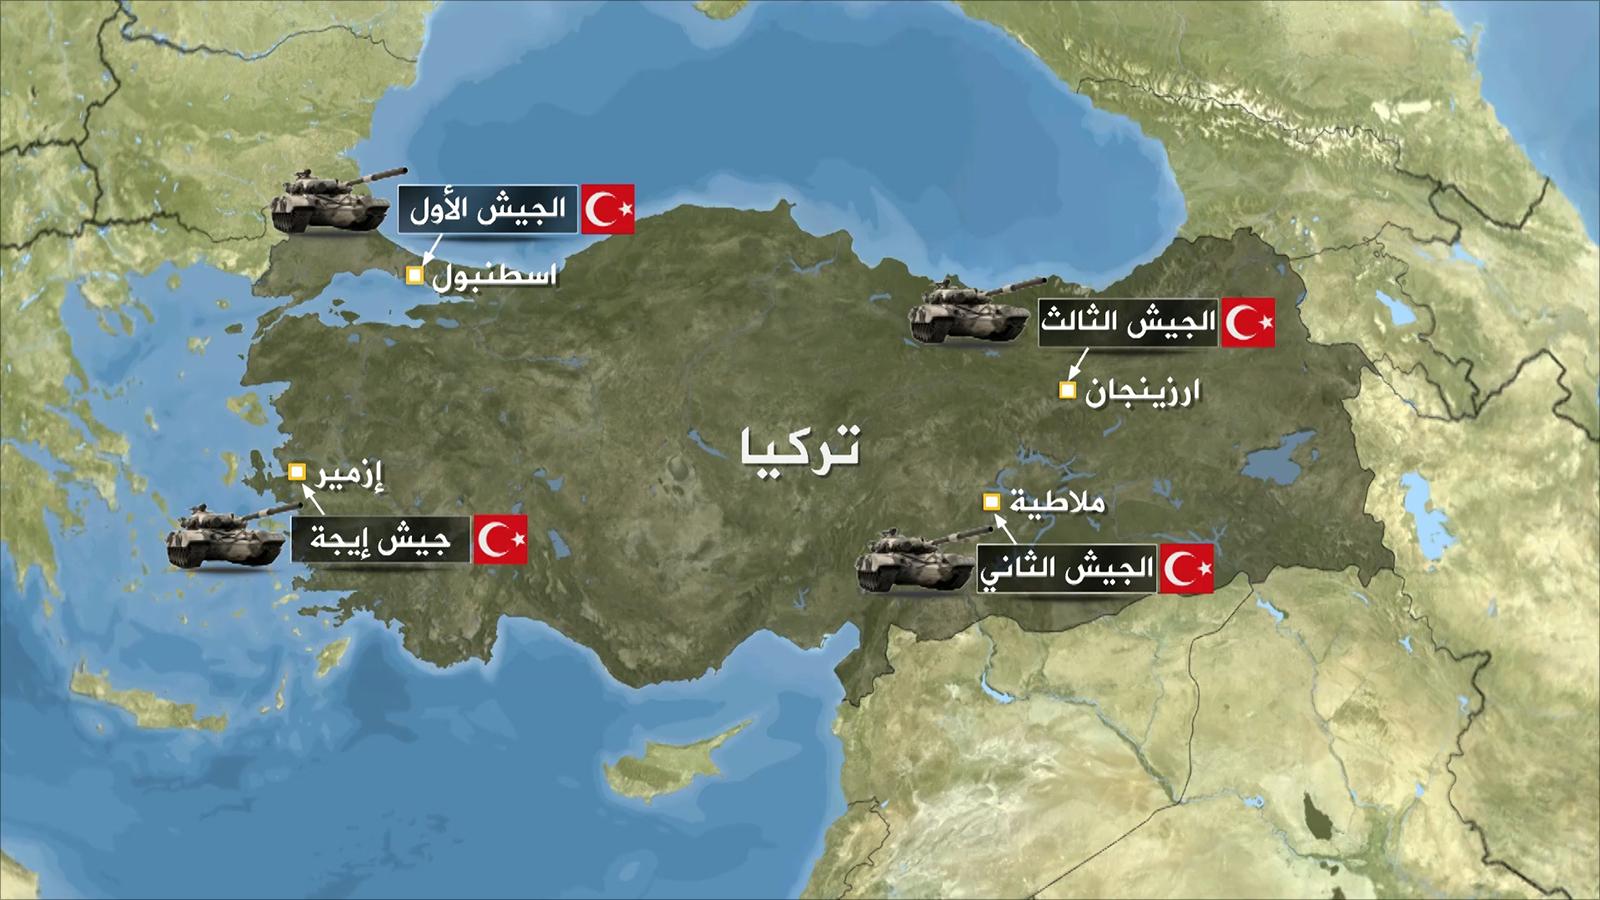 بالصور خريطة تركيا بالعربي , بالصور تعرف علي مدن تركيا من خلال خريطة عربي unnamed file 145